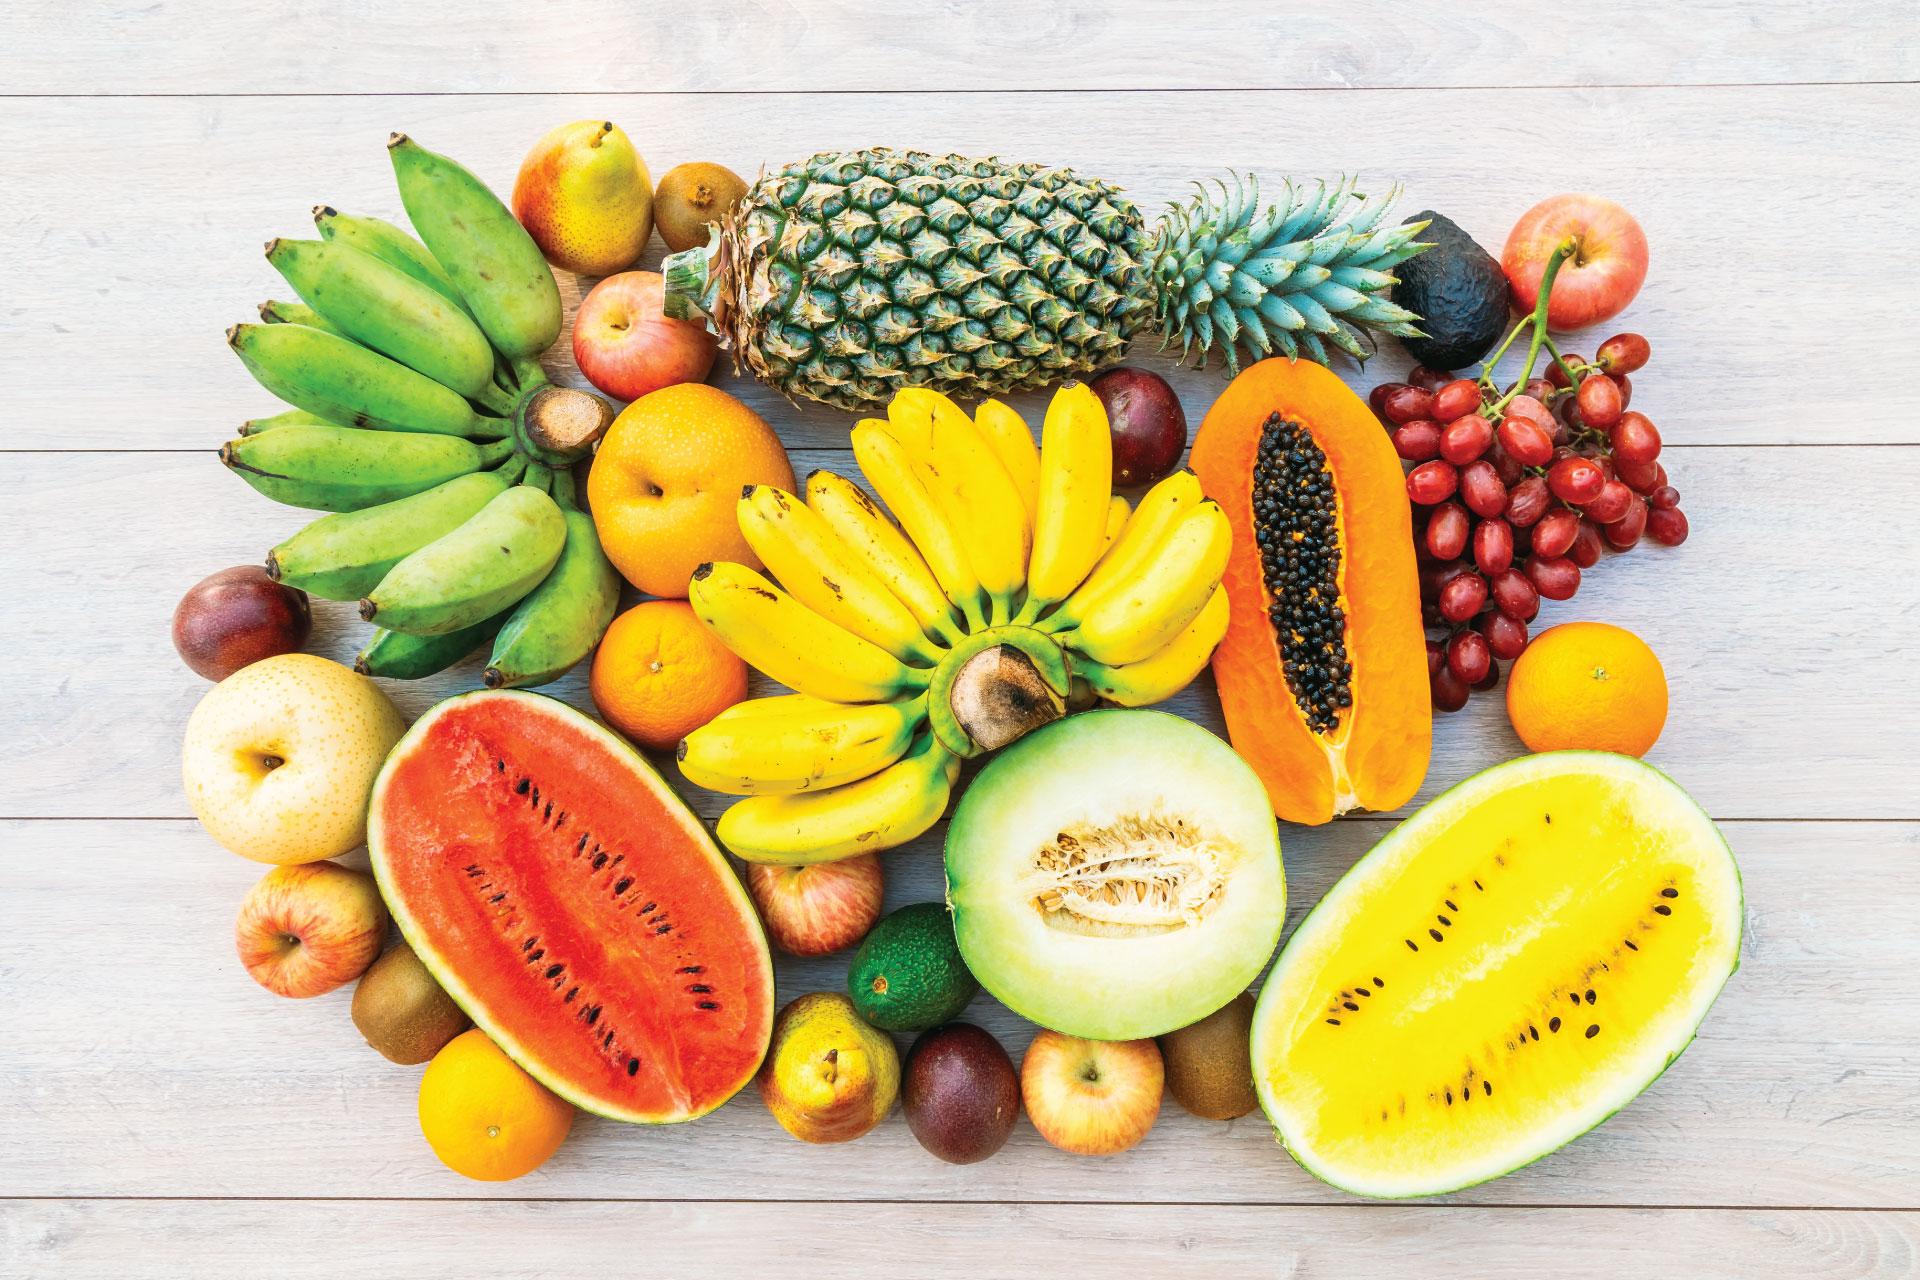 Lựa chọn trái cây để đảm bảo dinh dưỡng tốt nhất